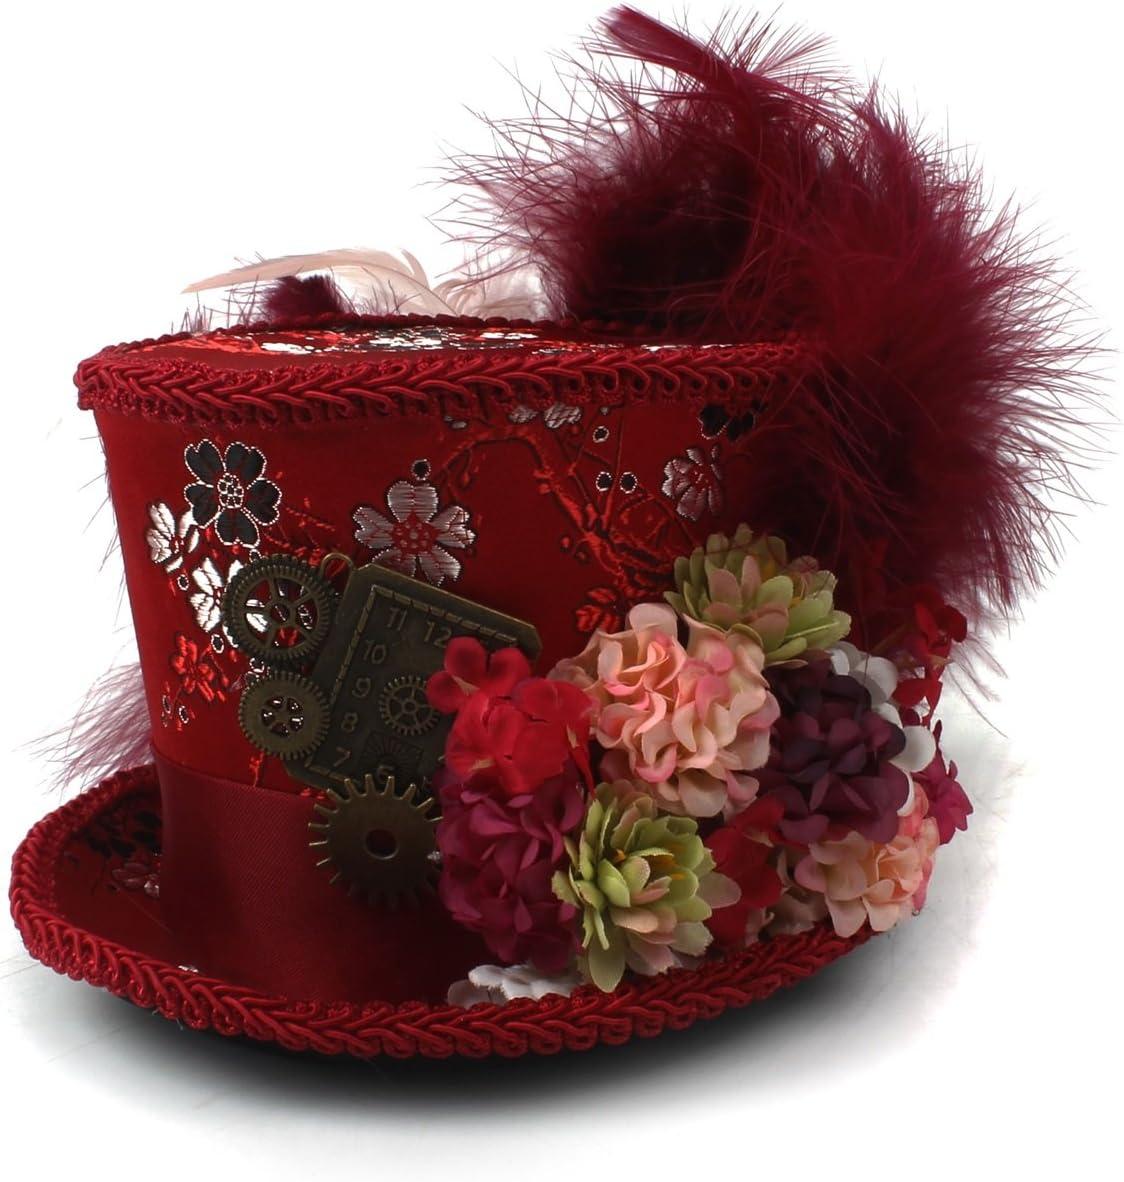 SCSY-Sombrero Alicia en el país de Las Maravillas, Sombrero Sombrerero Loco, Sombrero de té, Sombrerero Loco Fiesta del té Material: Pluma de Seda (Color : Rojo, tamaño : 25-30cm)